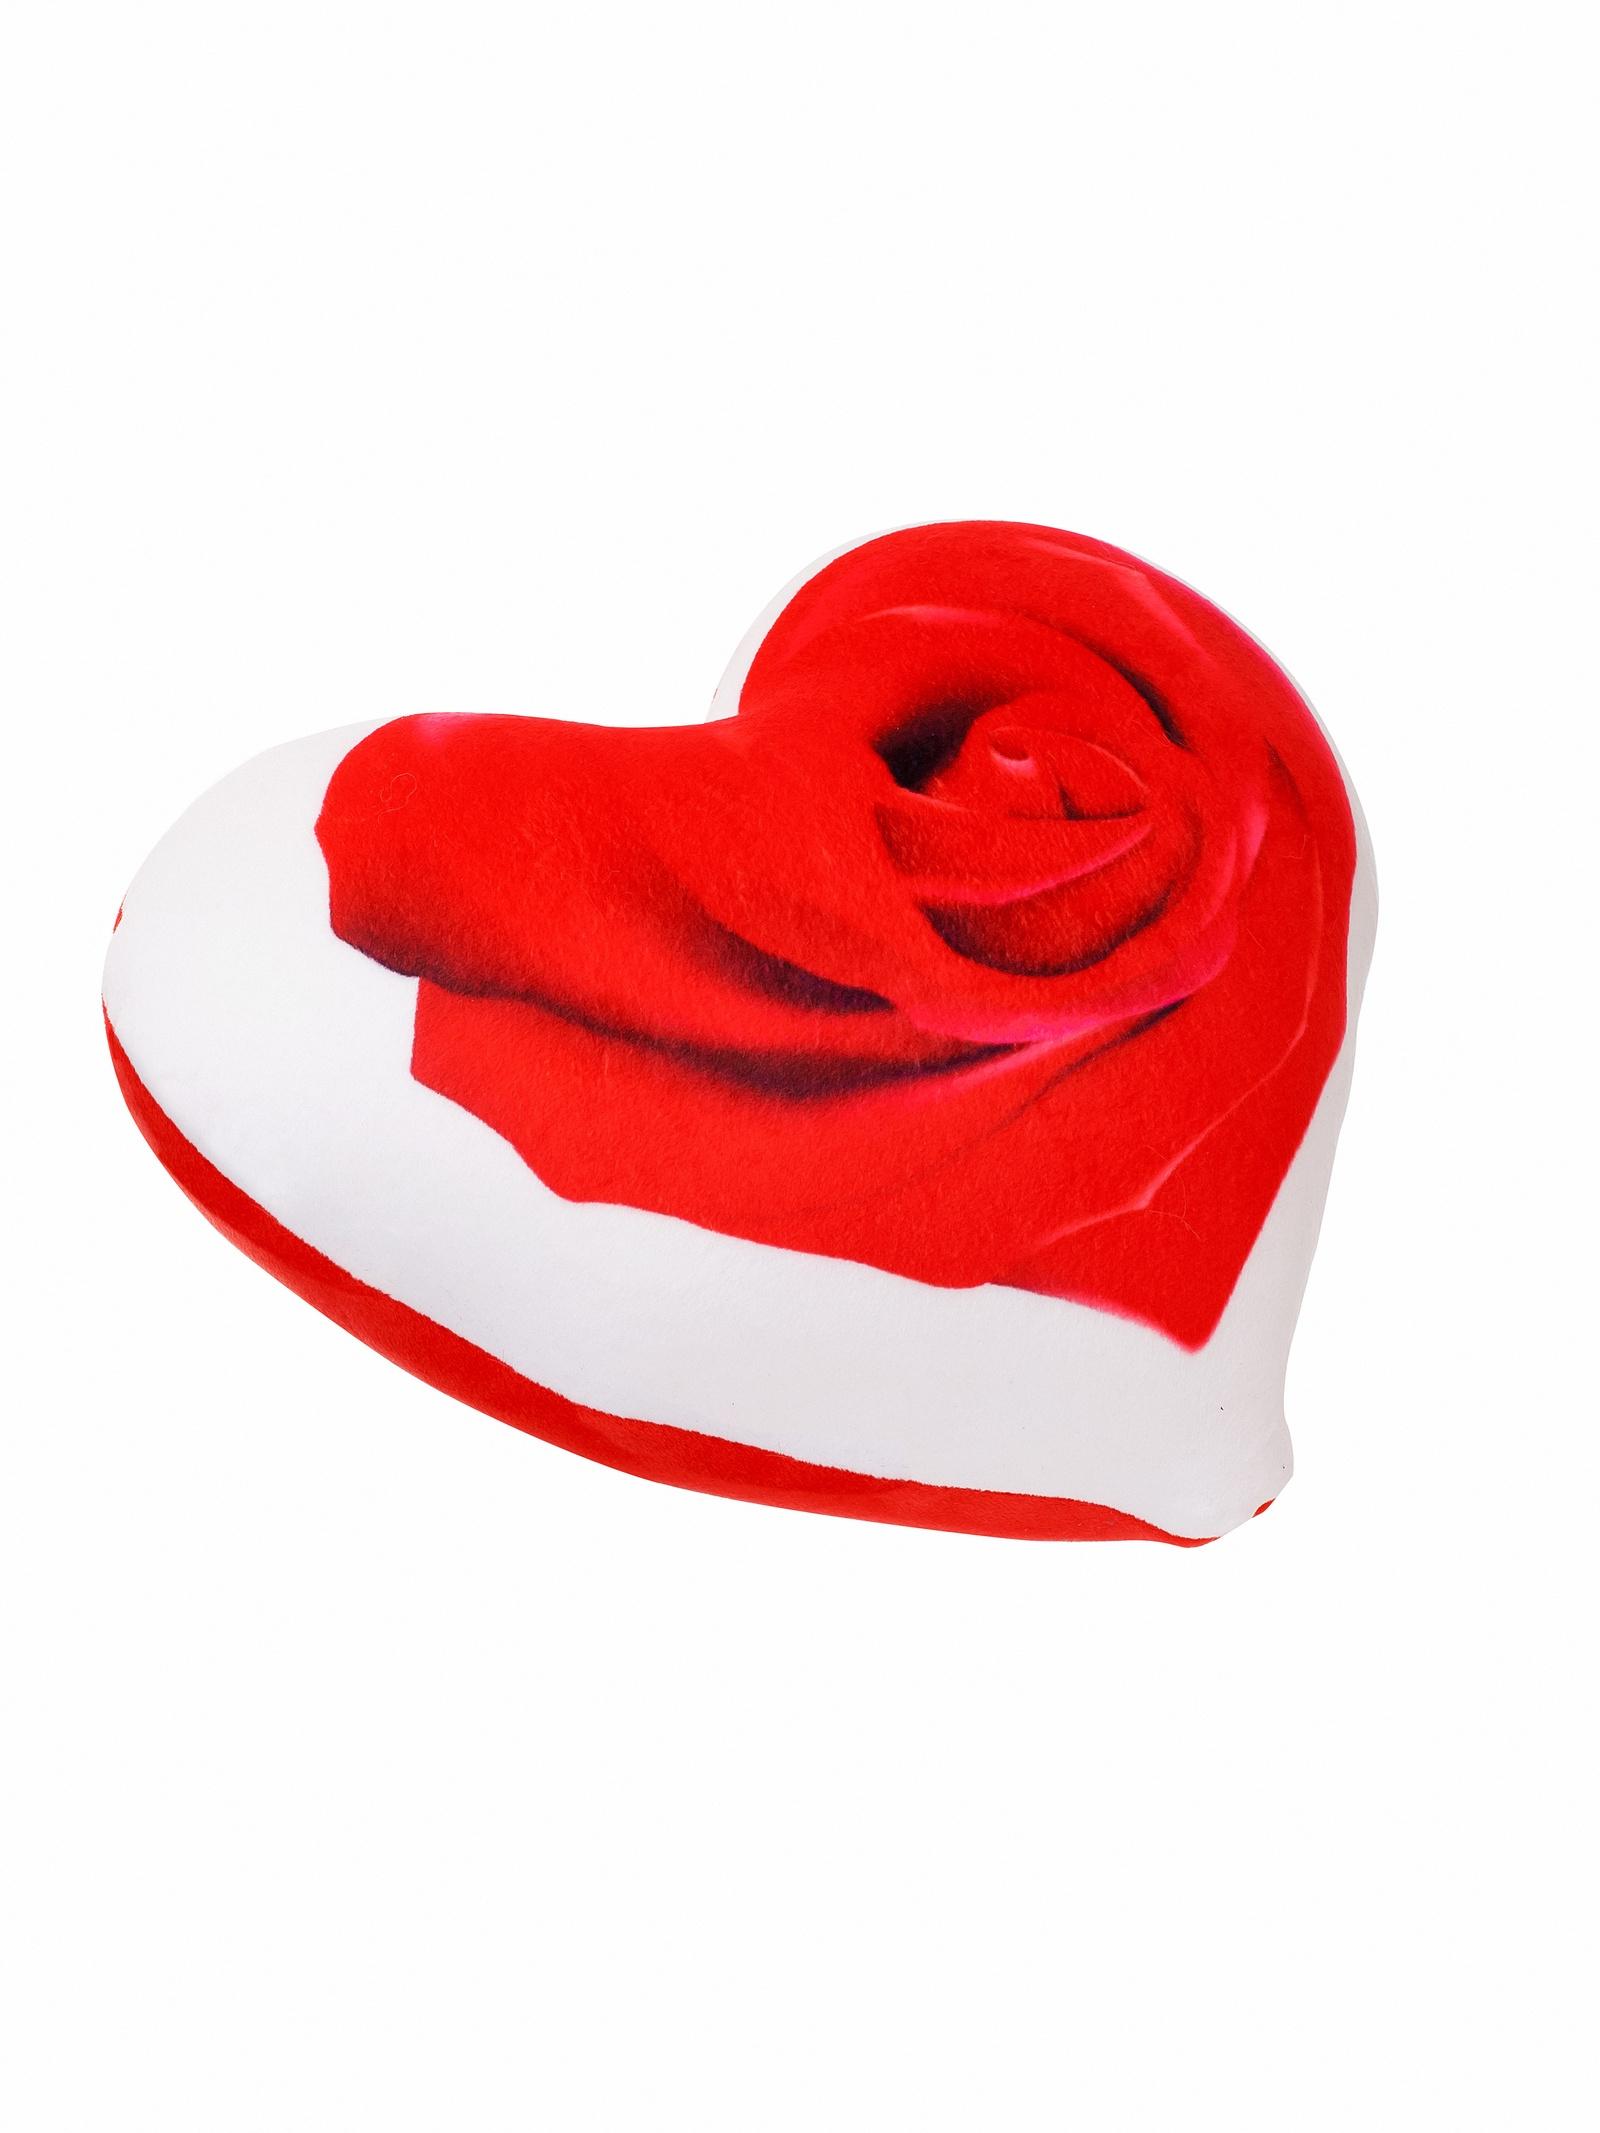 Мягкая игрушка СмолТойс Подушка игрушка сердце антисресс в 30, 4126-1/КР-1/30 красный